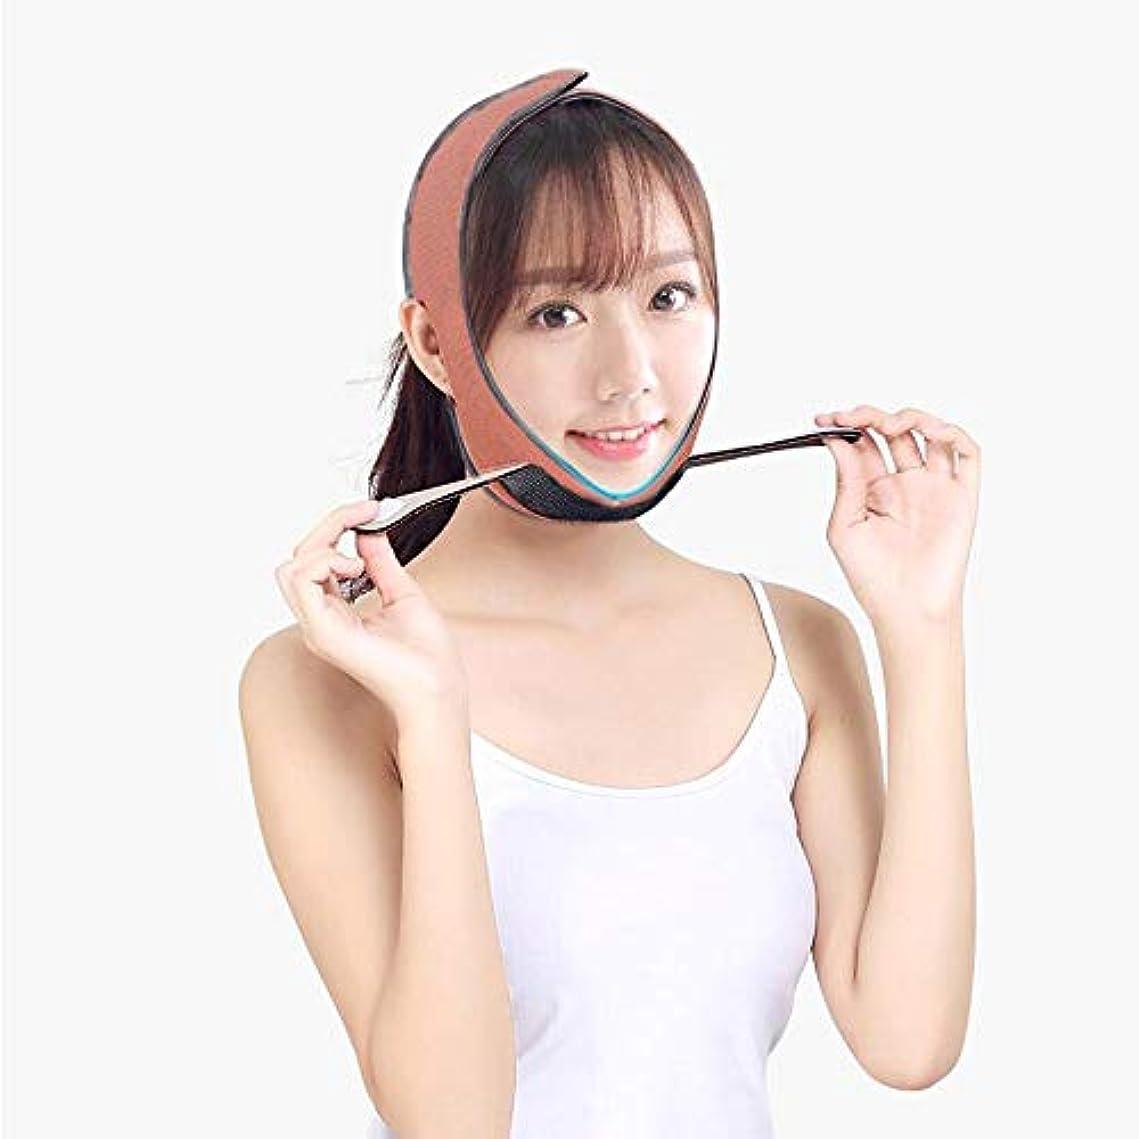 悩みクックポンプフェイシャルリフティングスリミングベルト - 薄いフェイス包帯Vフェイス包帯マスクフェイシャルマッサージャー無料整形マスク顔と首の顔を引き締めますスリム